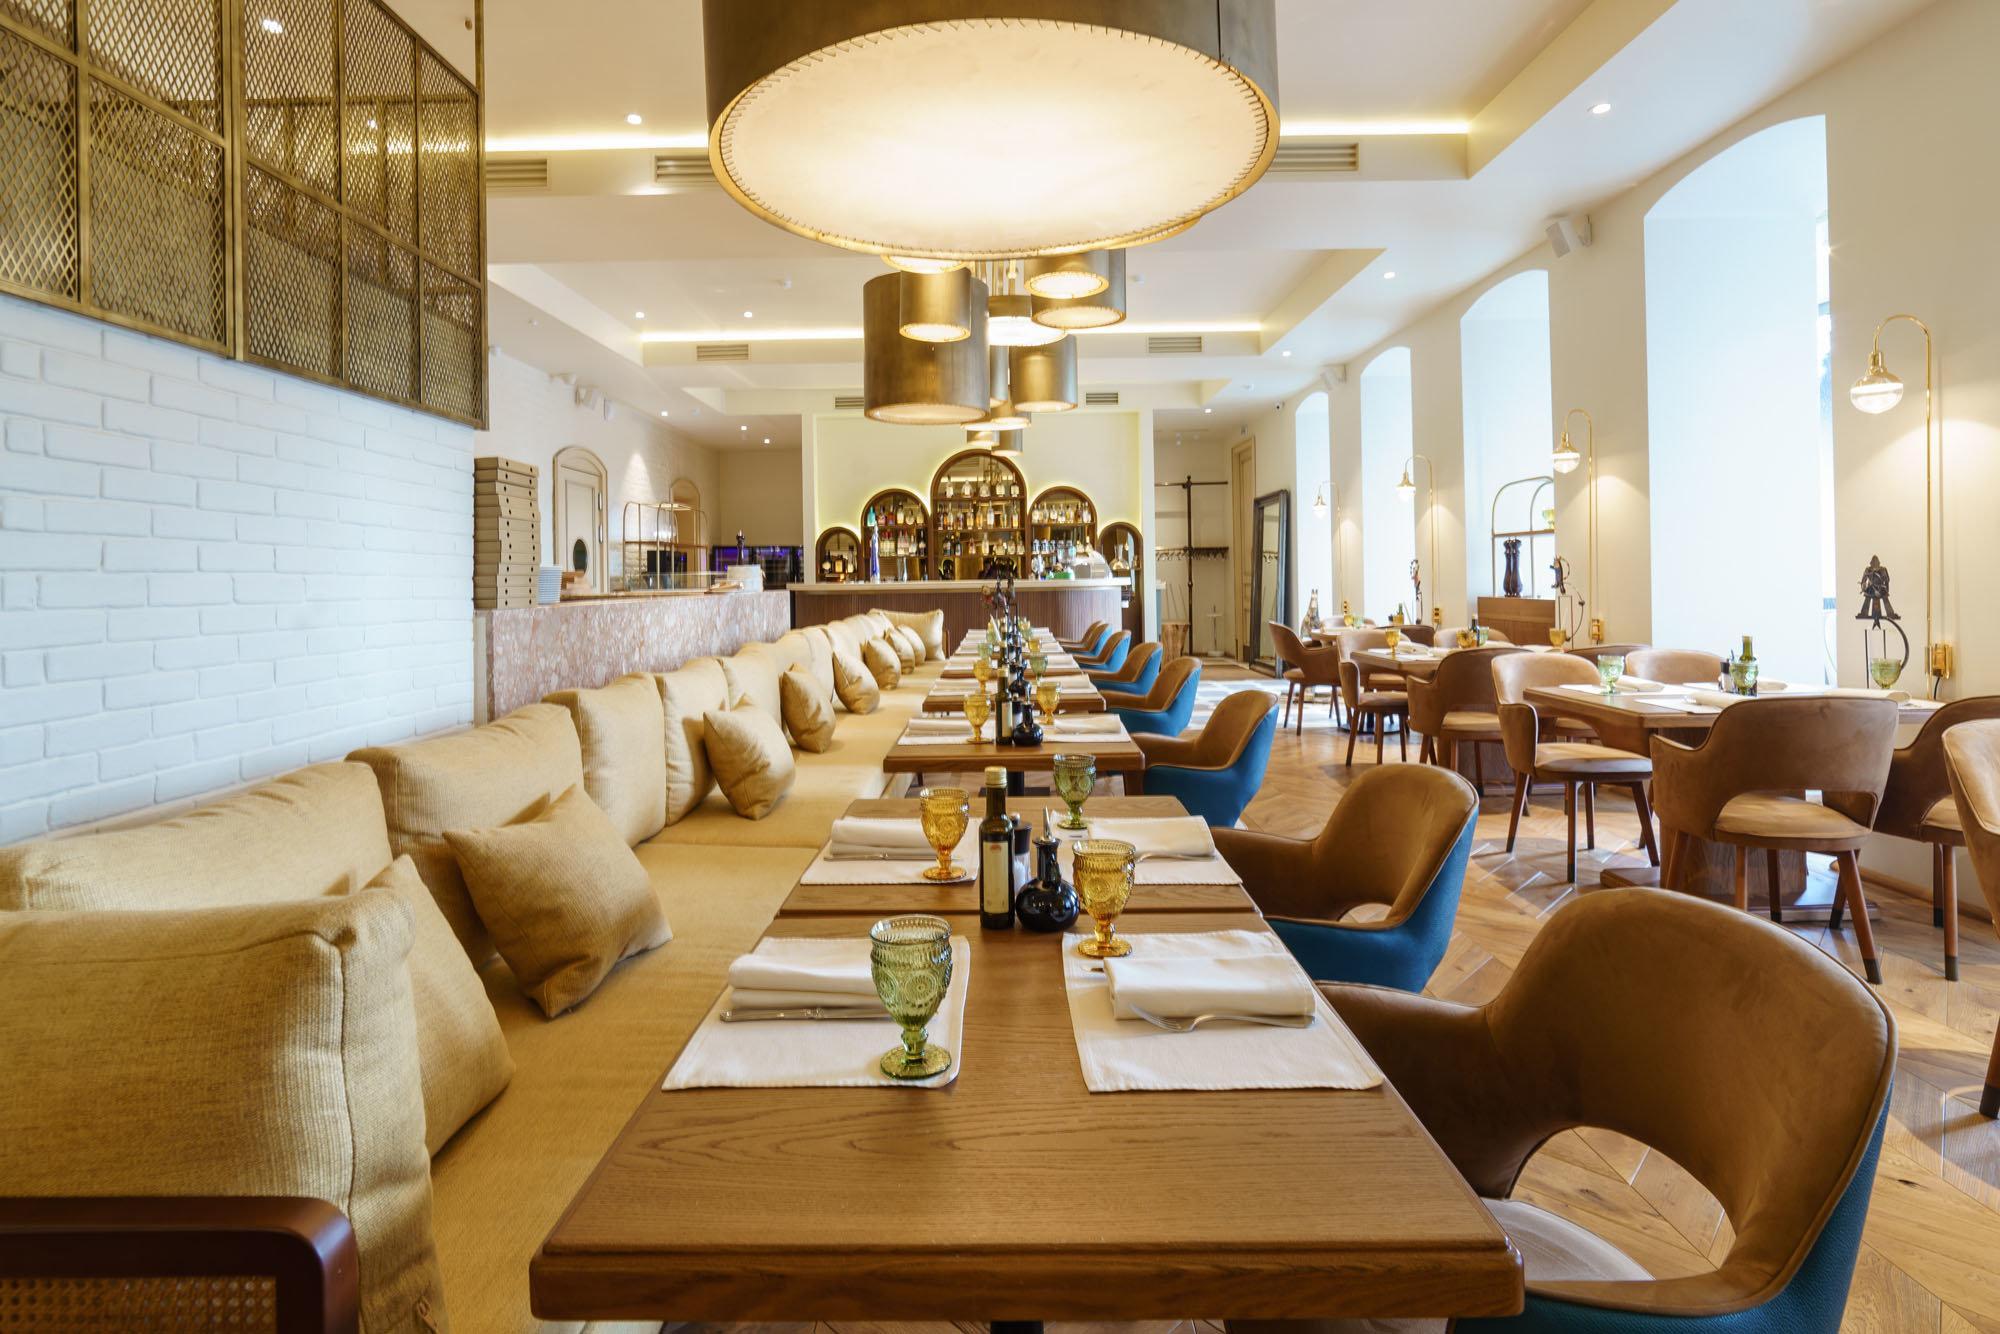 фотография Итальянского ресторана BOCCONCINO на Страстном бульваре